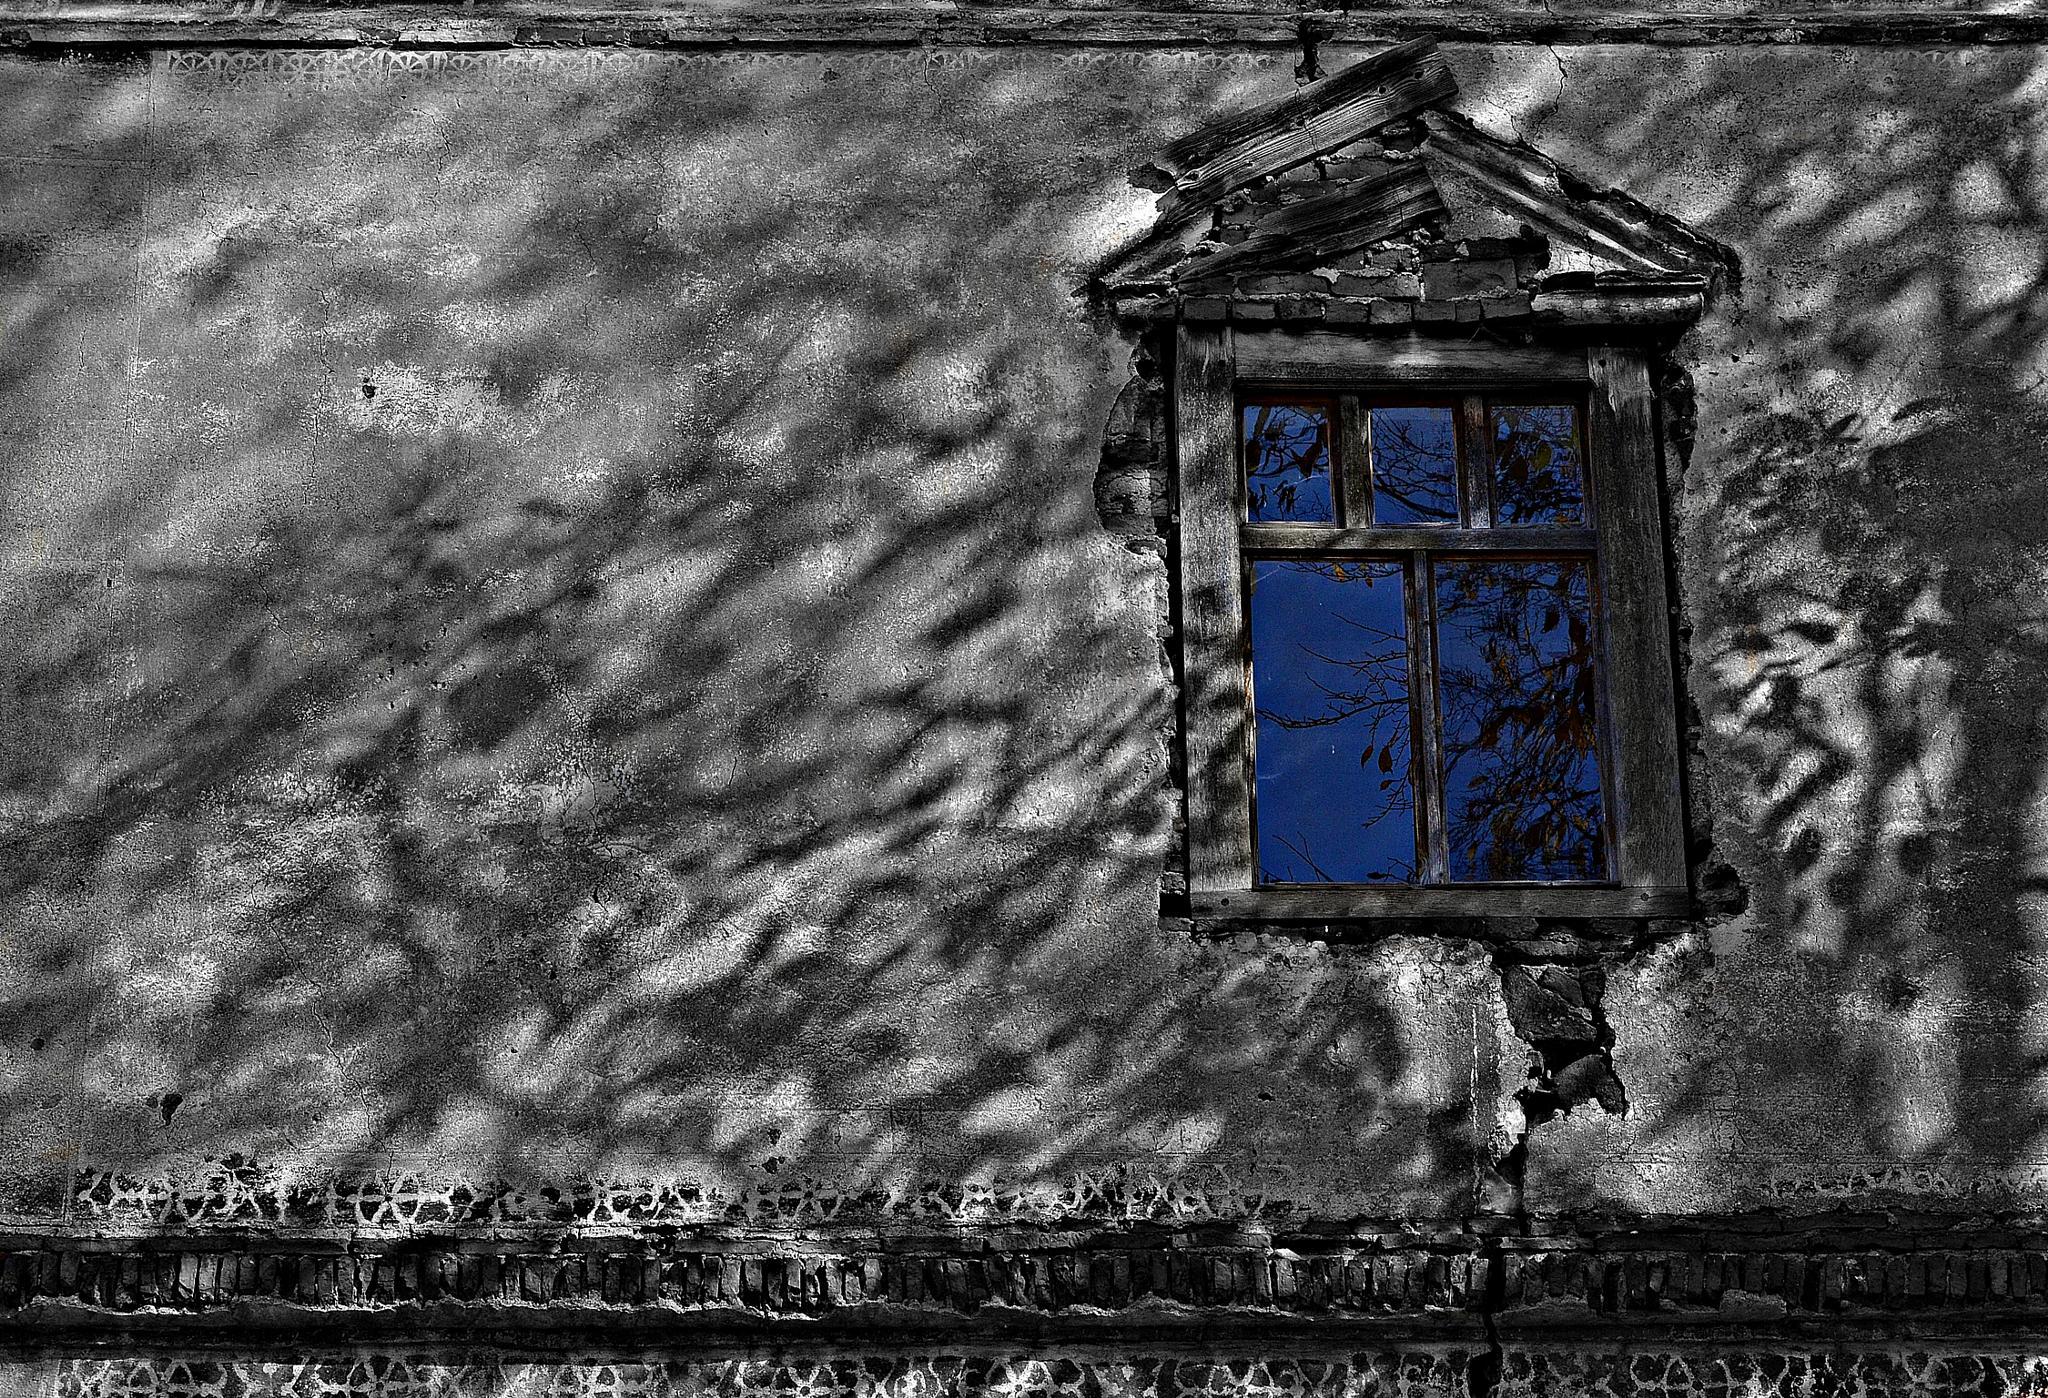 un petic de cer by MCAdel